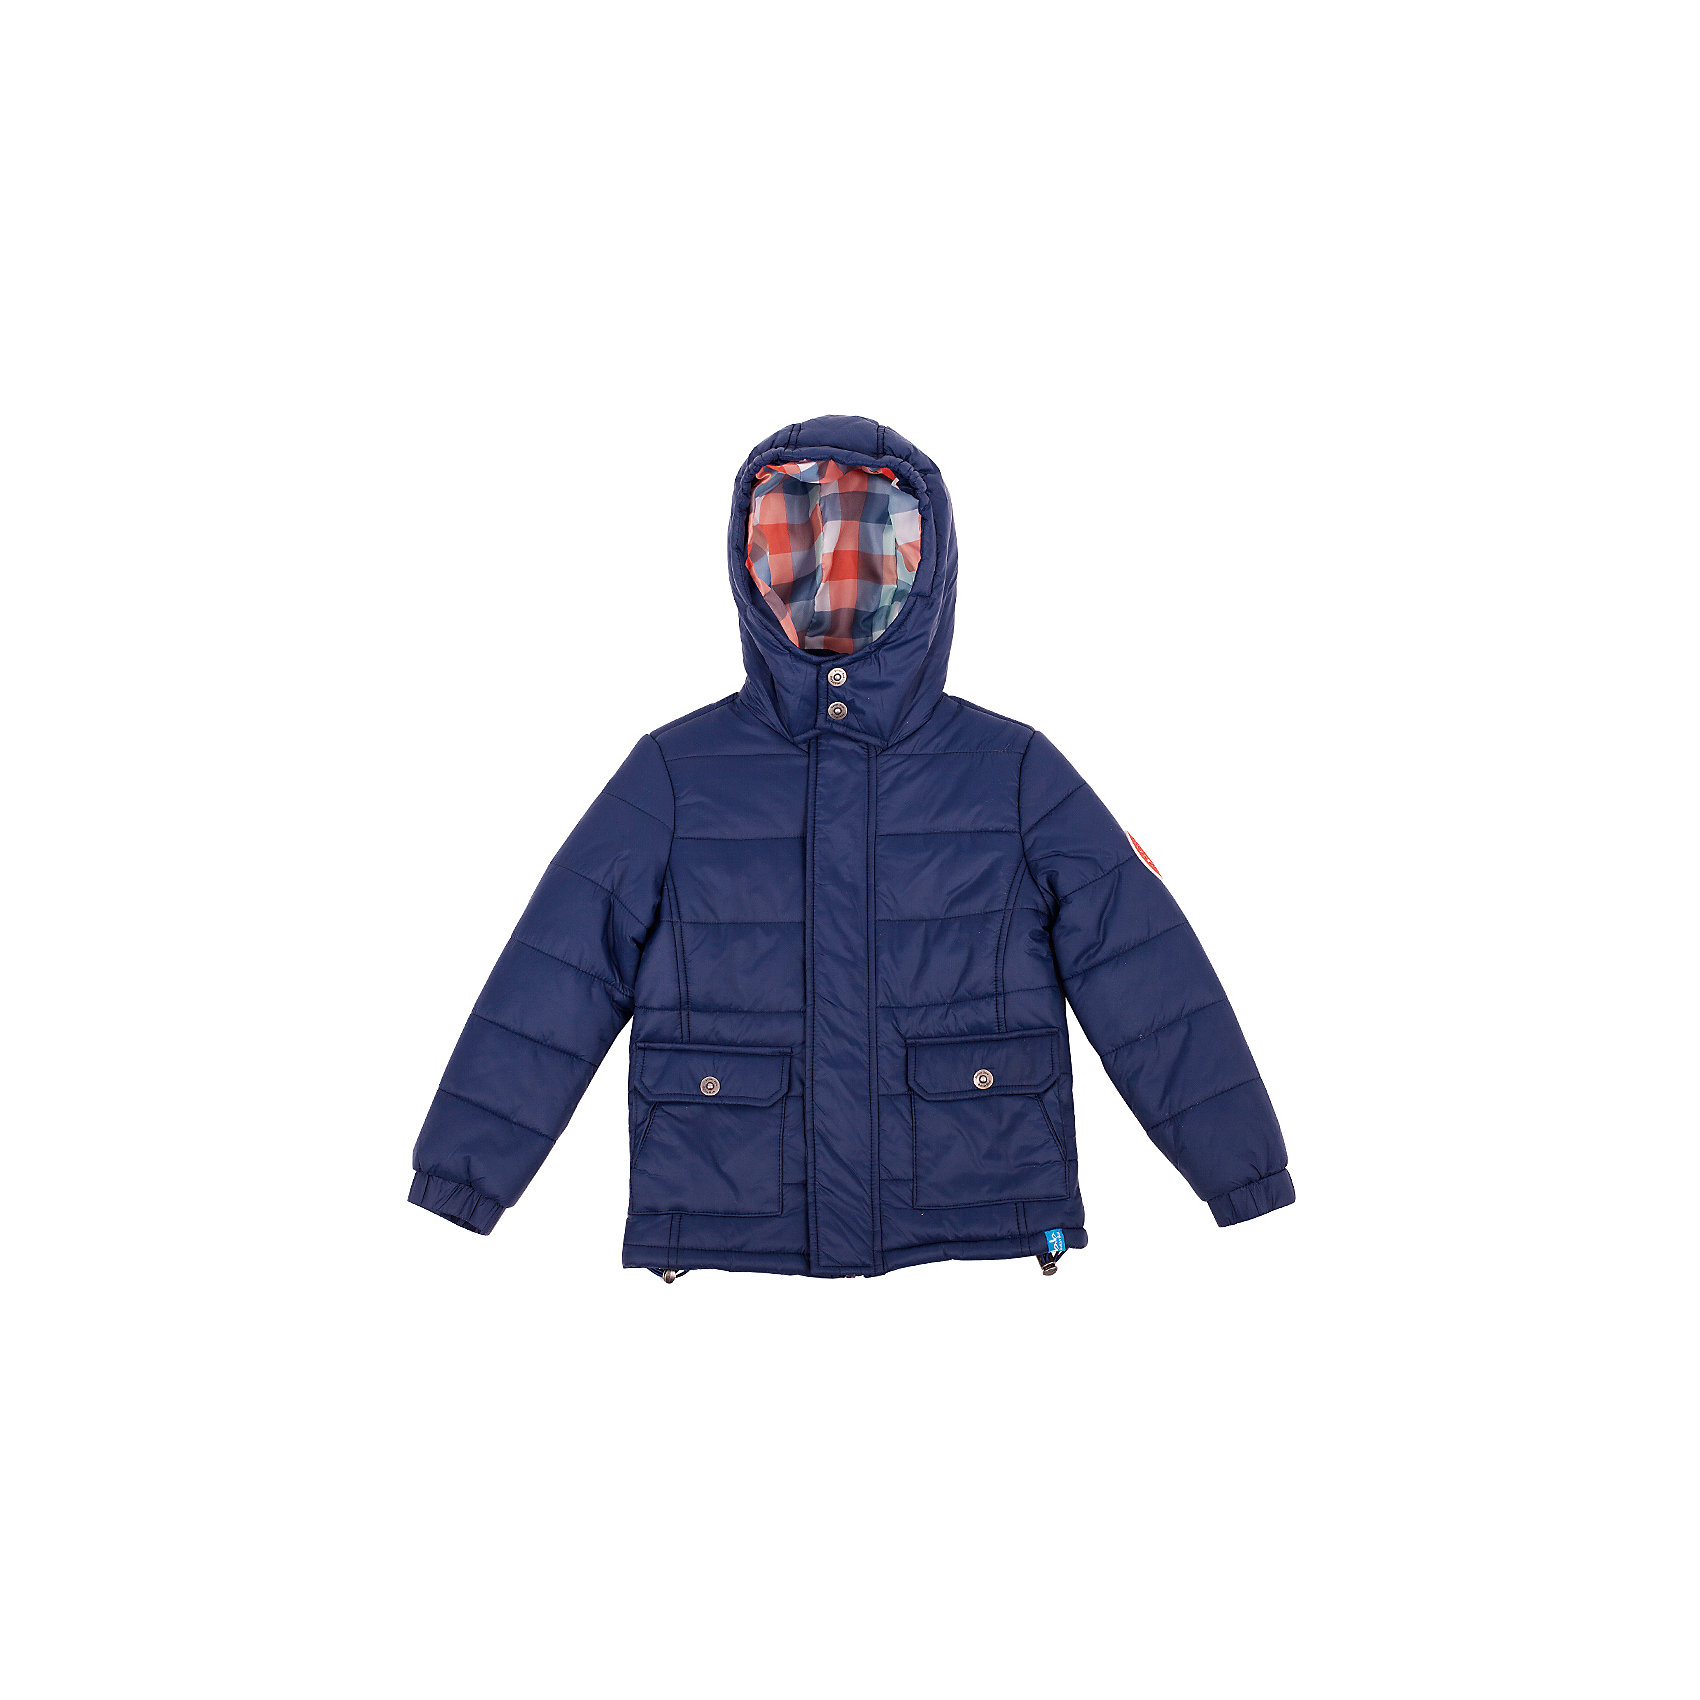 Куртка для мальчика Button BlueСиняя стеганая куртка - оптимальное решение для весенней прохлады. Практичный цвет, функциональные детали, отделка делают куртку отличным вариантом на каждый день. Если вы хотите купить хорошую утепленную куртку для мальчика недорого, не сомневаясь в ее комфорте, качестве, высоких потребительских свойствах, куртка Button Blue - для вас!<br>Состав:<br>тк. Верха 100%нейлон  подк:100%полиэстер утеплитель: 100% полиэстер<br><br>Ширина мм: 356<br>Глубина мм: 10<br>Высота мм: 245<br>Вес г: 519<br>Цвет: синий<br>Возраст от месяцев: 120<br>Возраст до месяцев: 132<br>Пол: Мужской<br>Возраст: Детский<br>Размер: 146,134,110,98,158,122,128,104,140,152,116<br>SKU: 4509946